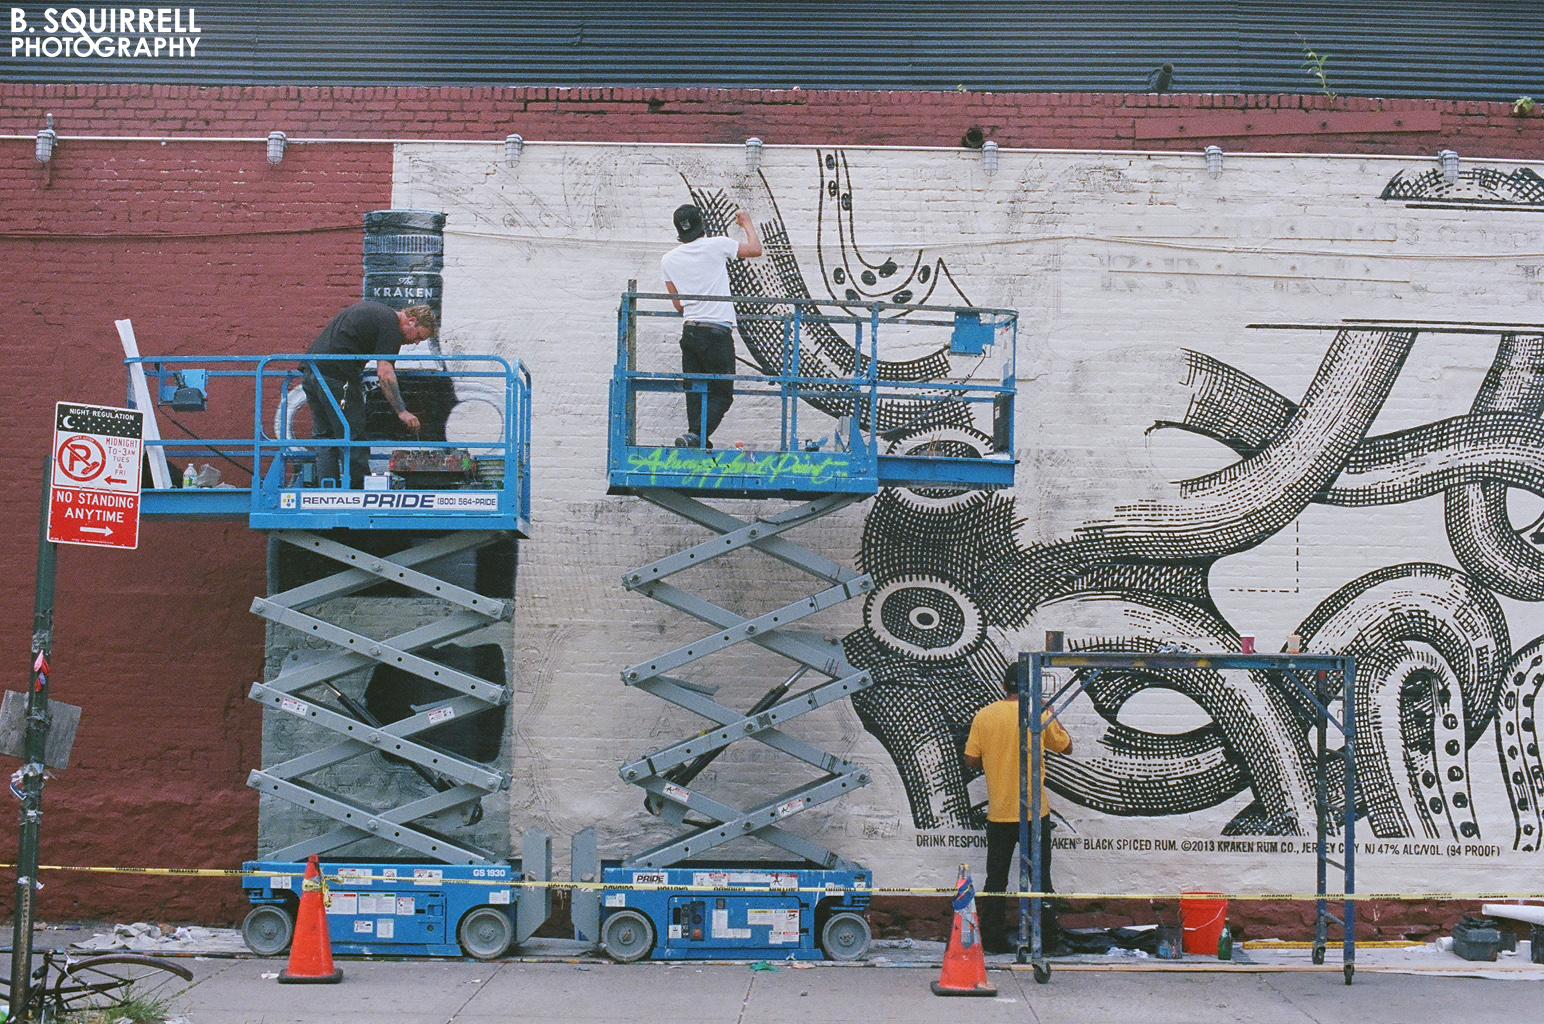 scoutfolks_blog_grafitti.jpg